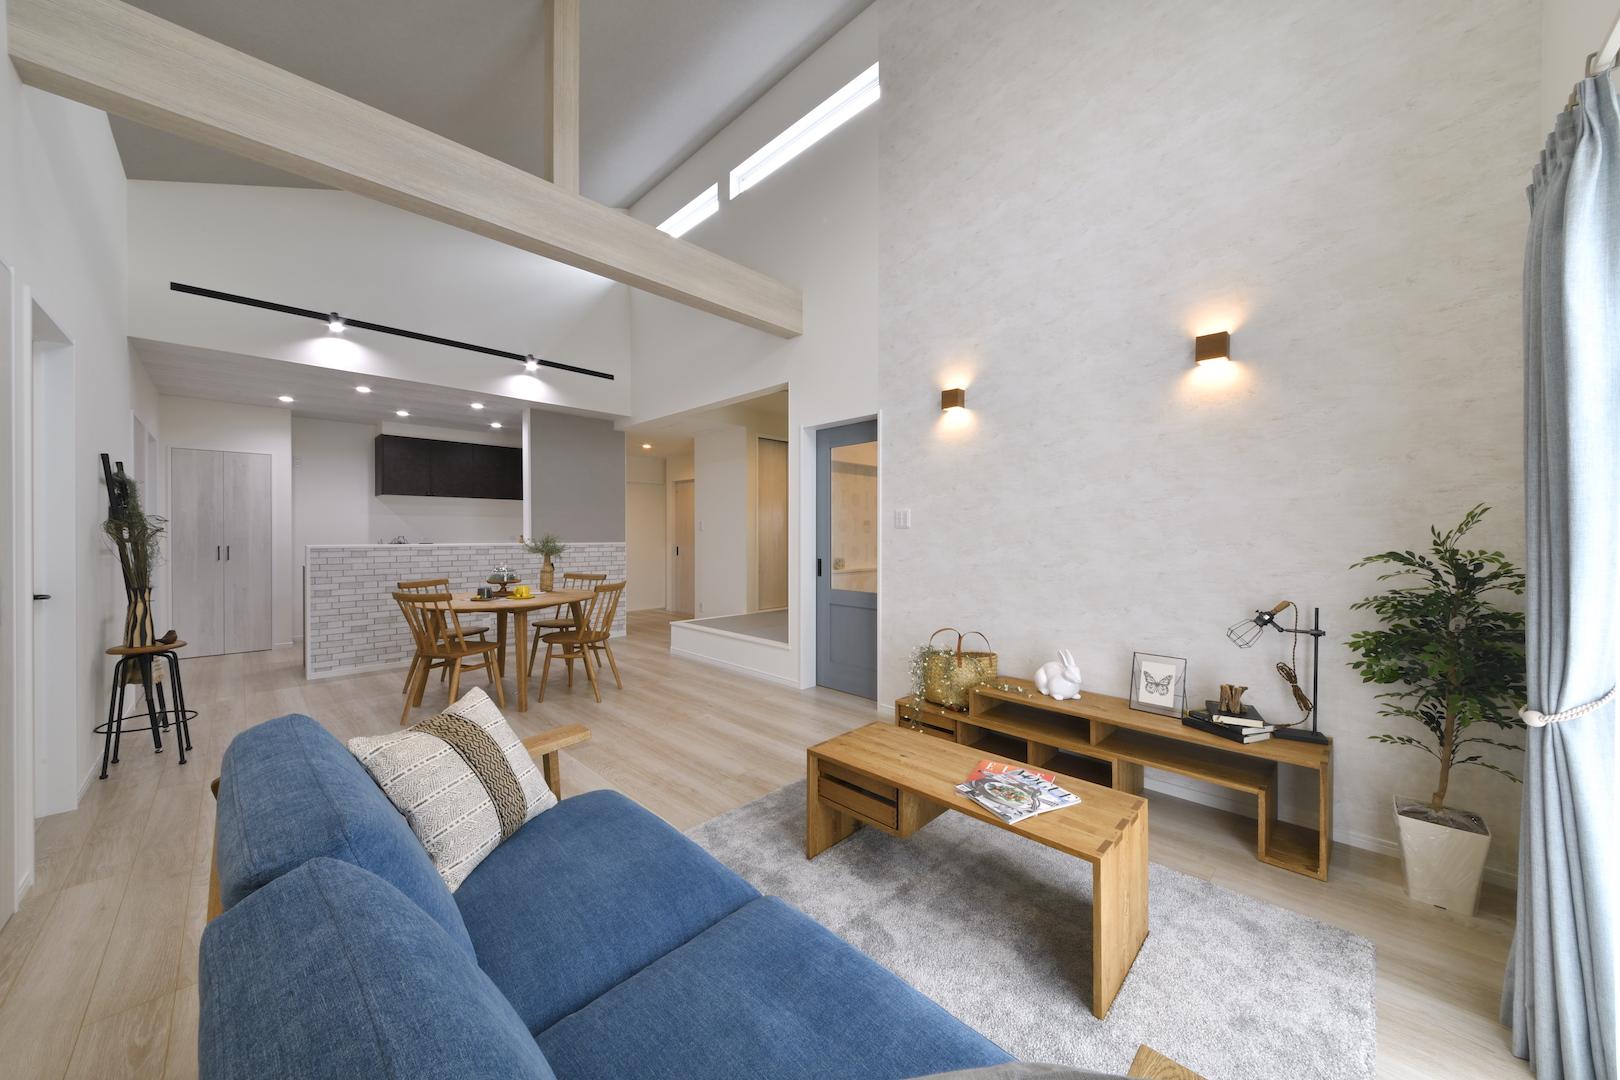 【平恒モデルハウスは家具・インテリアも要チェック♪関家具のクラッシュゲートを採用!】